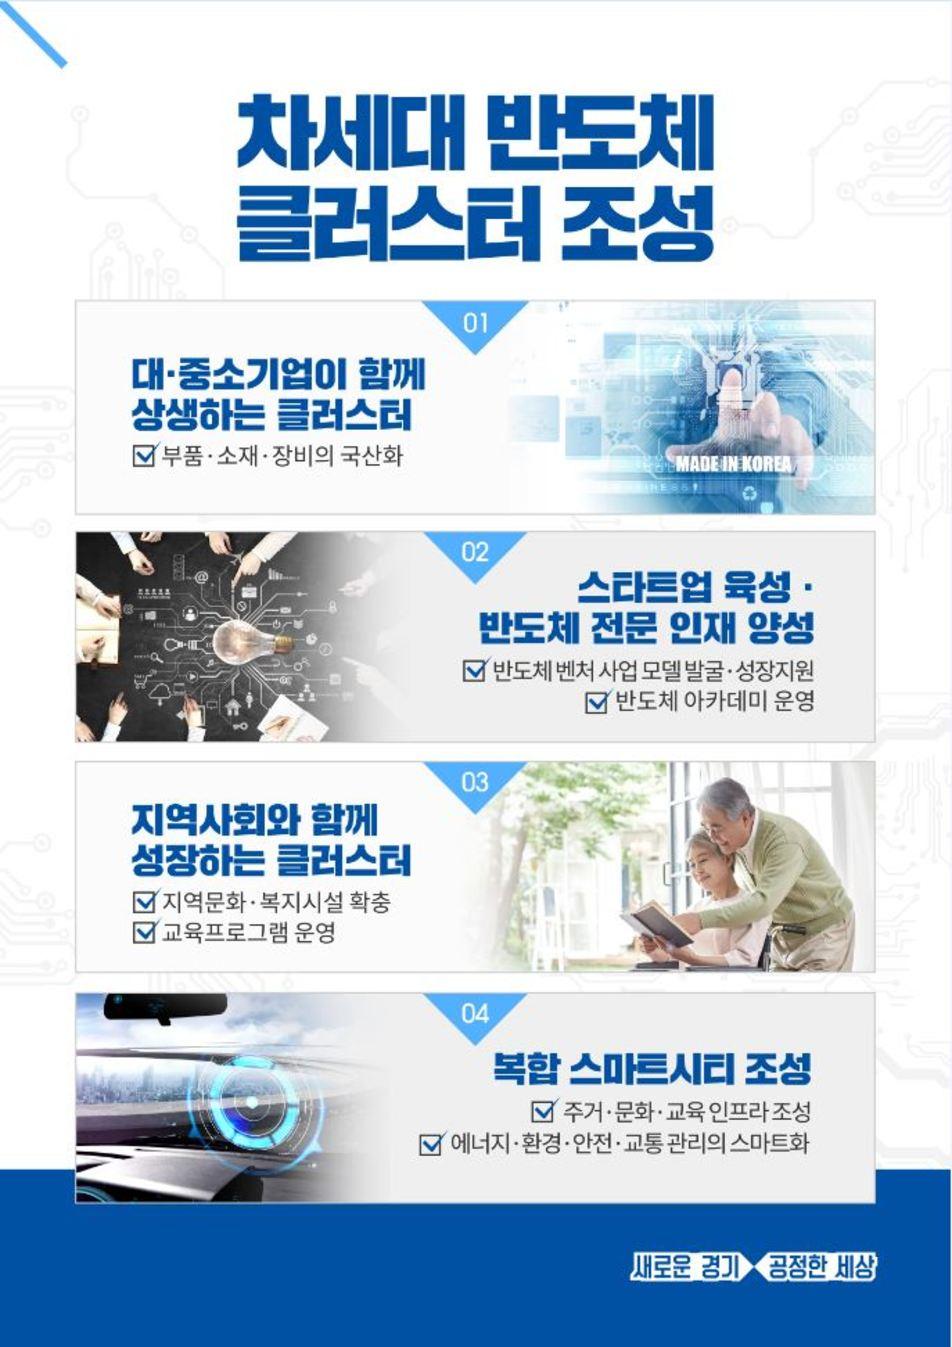 """이재명 경기도지사 """"반도체 클러스터, 최적지는 경기도"""""""